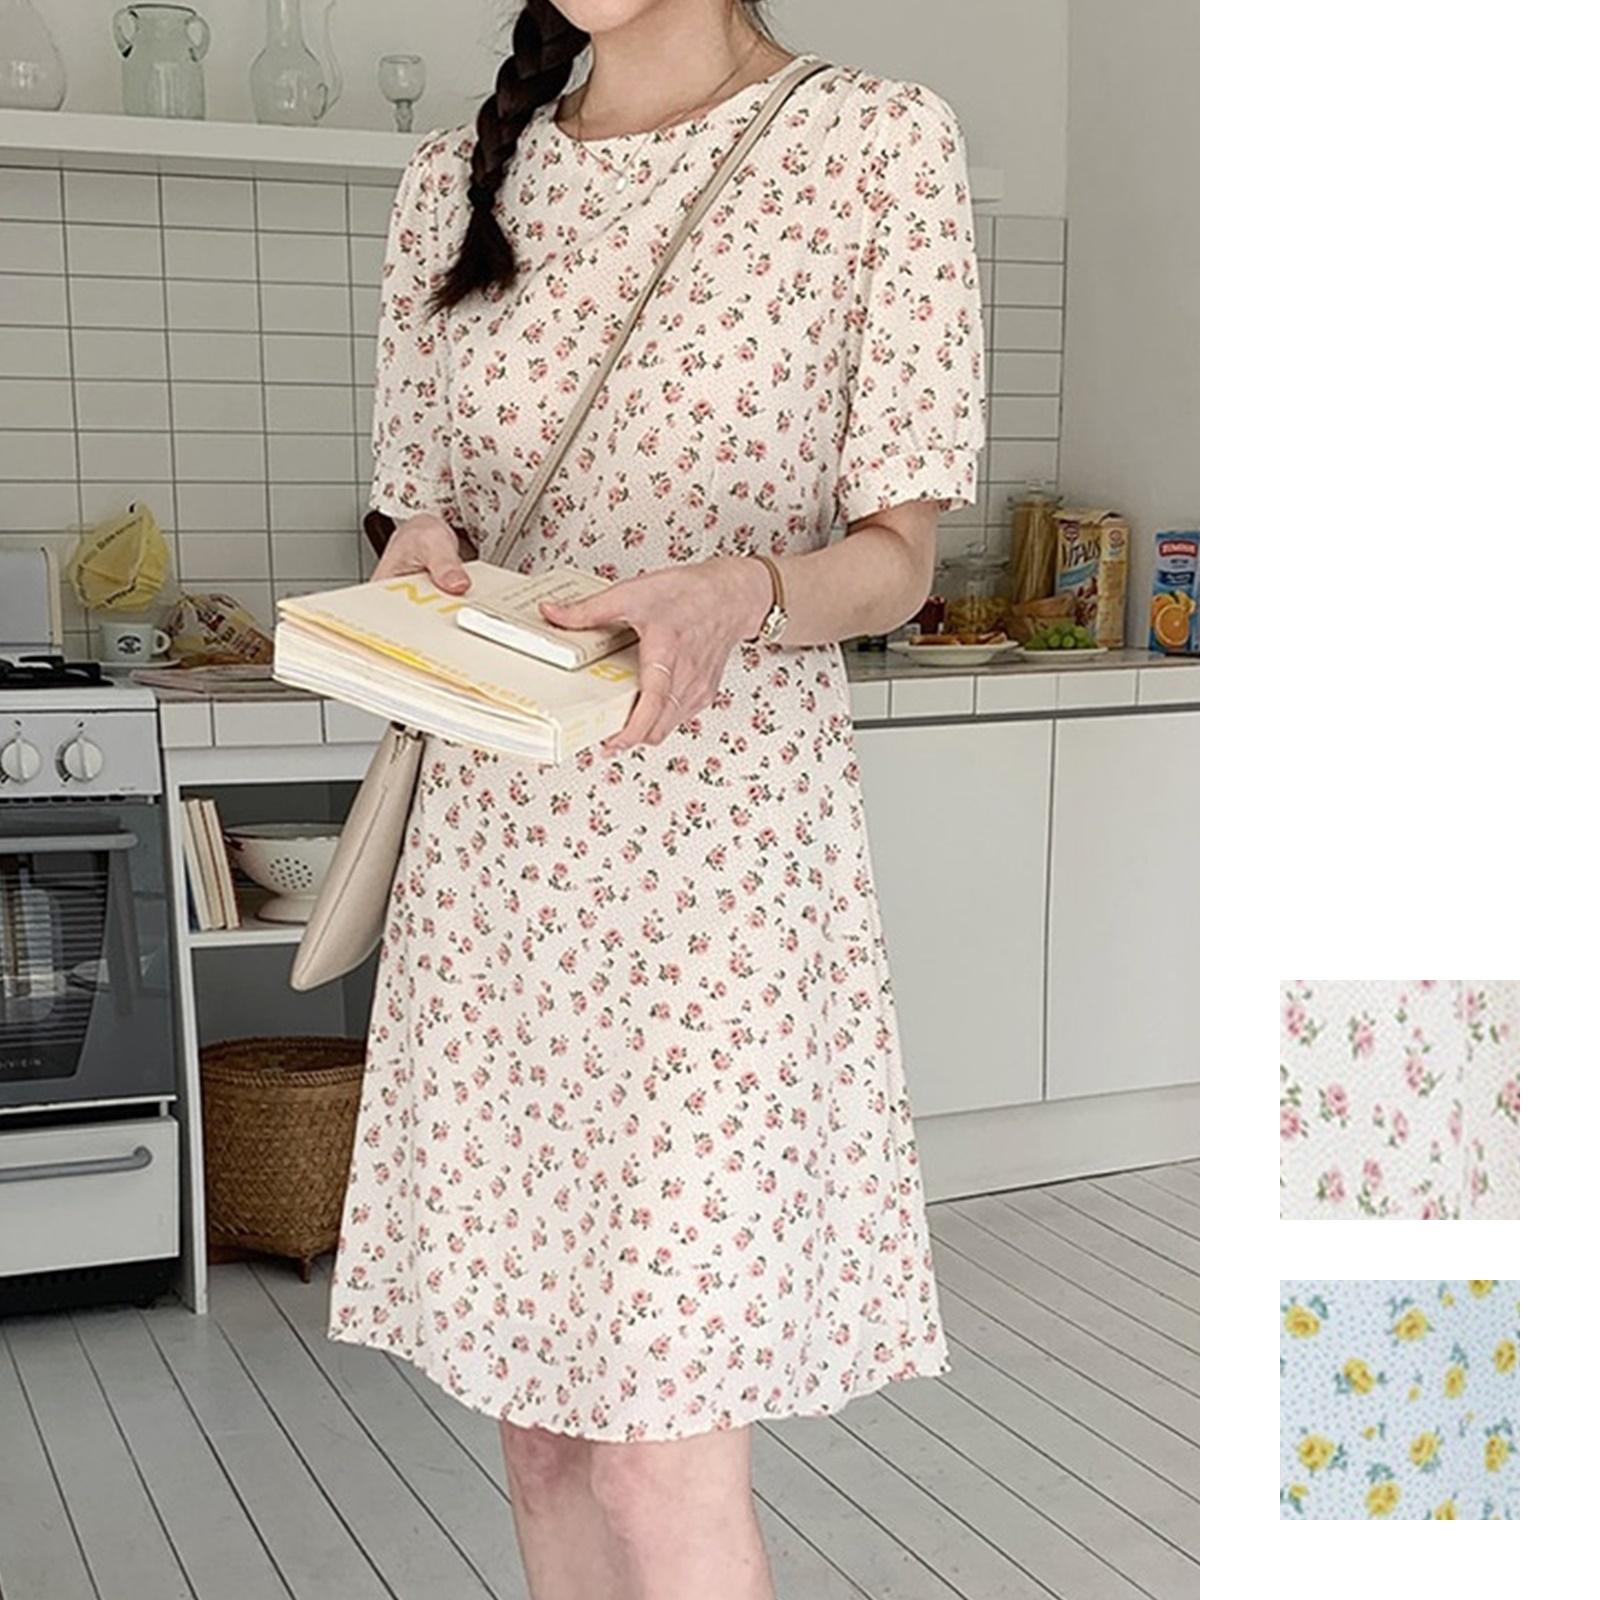 韓国 ファッション ワンピース 春 夏 カジュアル PTXI413  パフスリーブ ノーカラー フレア キュート オルチャン シンプル 定番 セレカジの写真1枚目